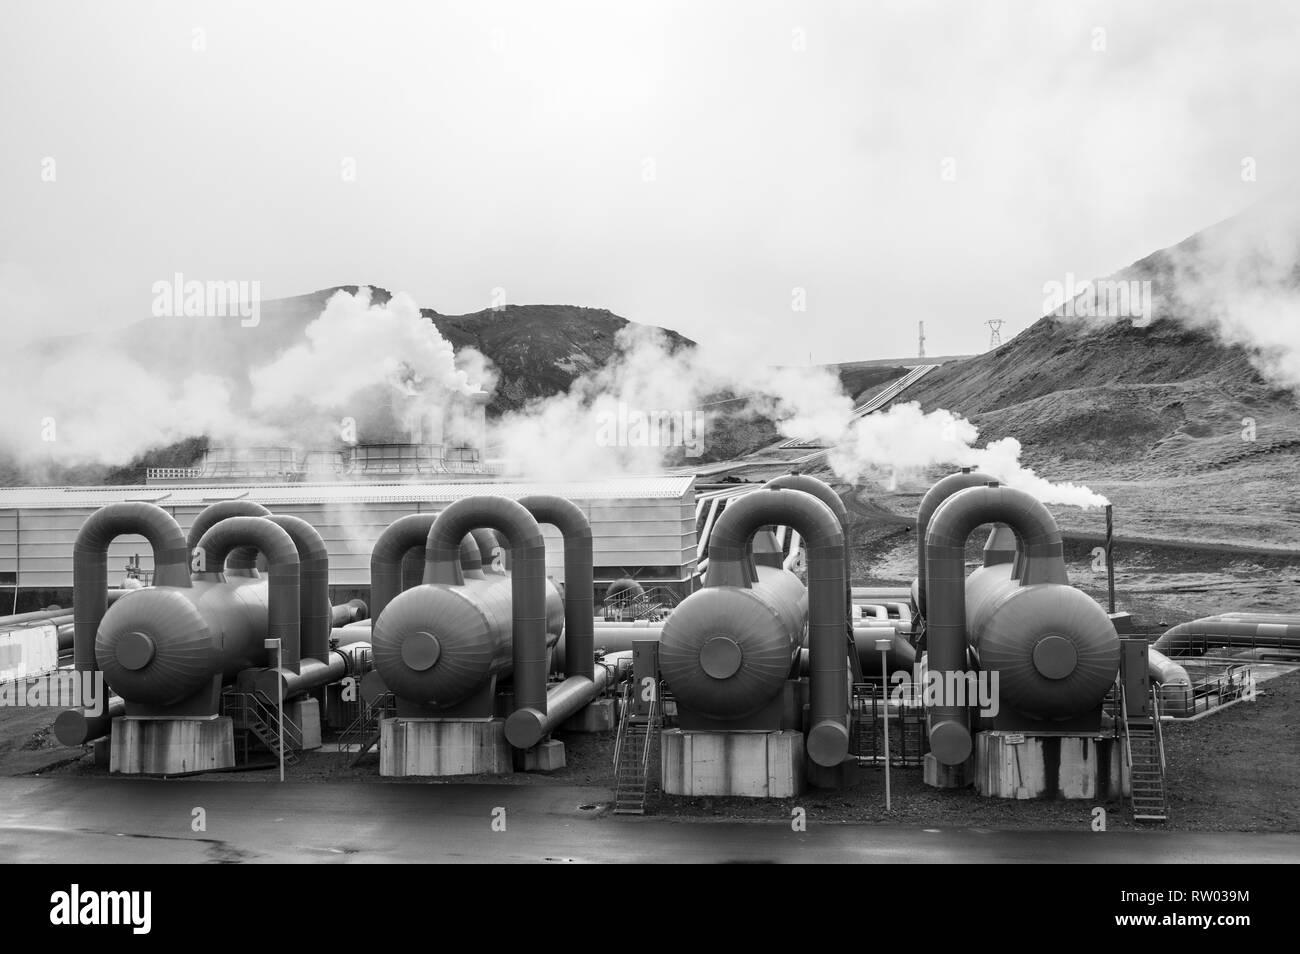 La planta de energía térmica en Islandia Imagen De Stock